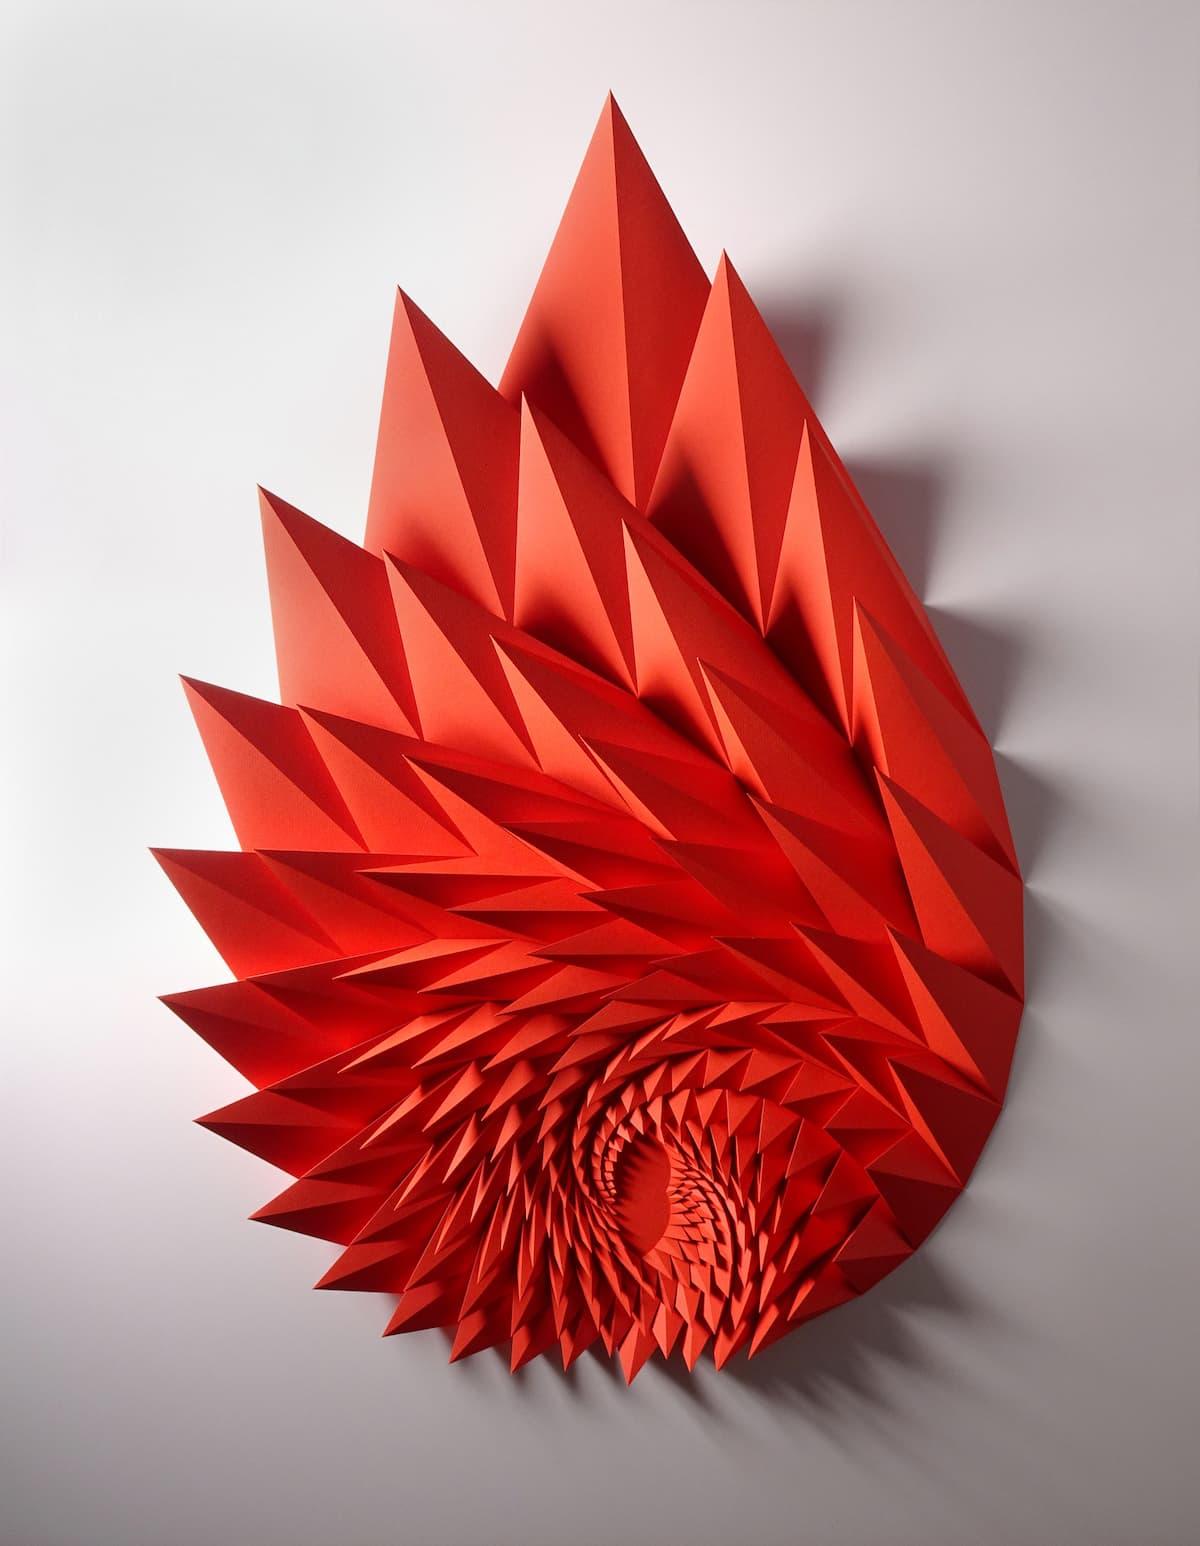 Matthew Shlian Papierskulturen Design